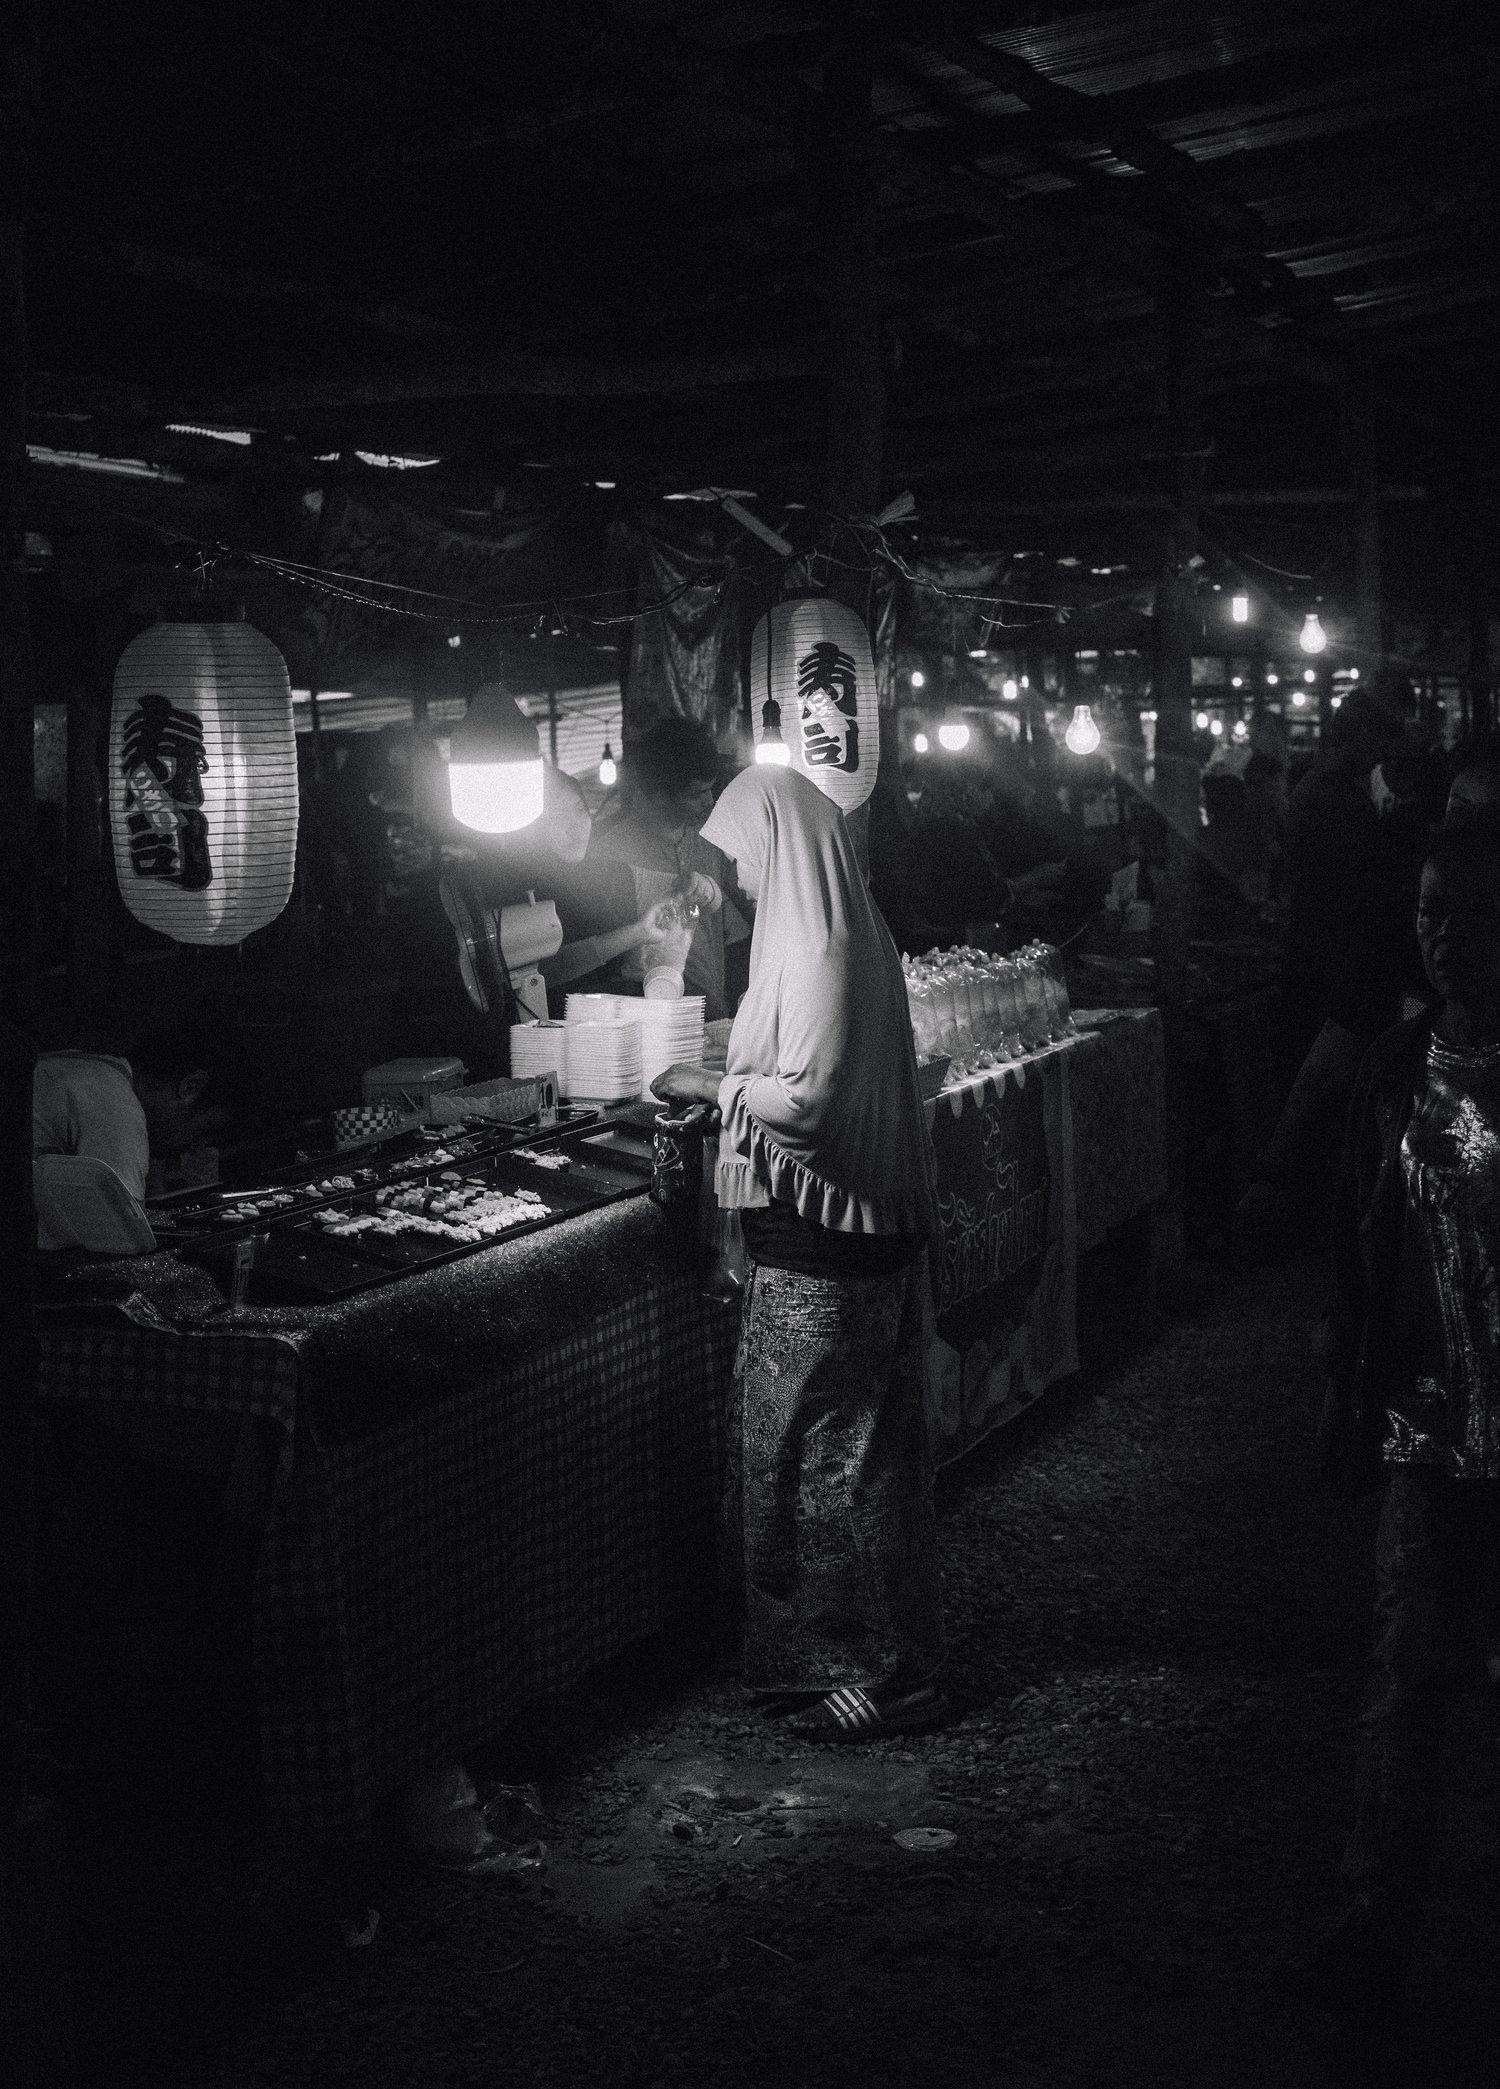 Thailandcambodia-6728-2.jpg